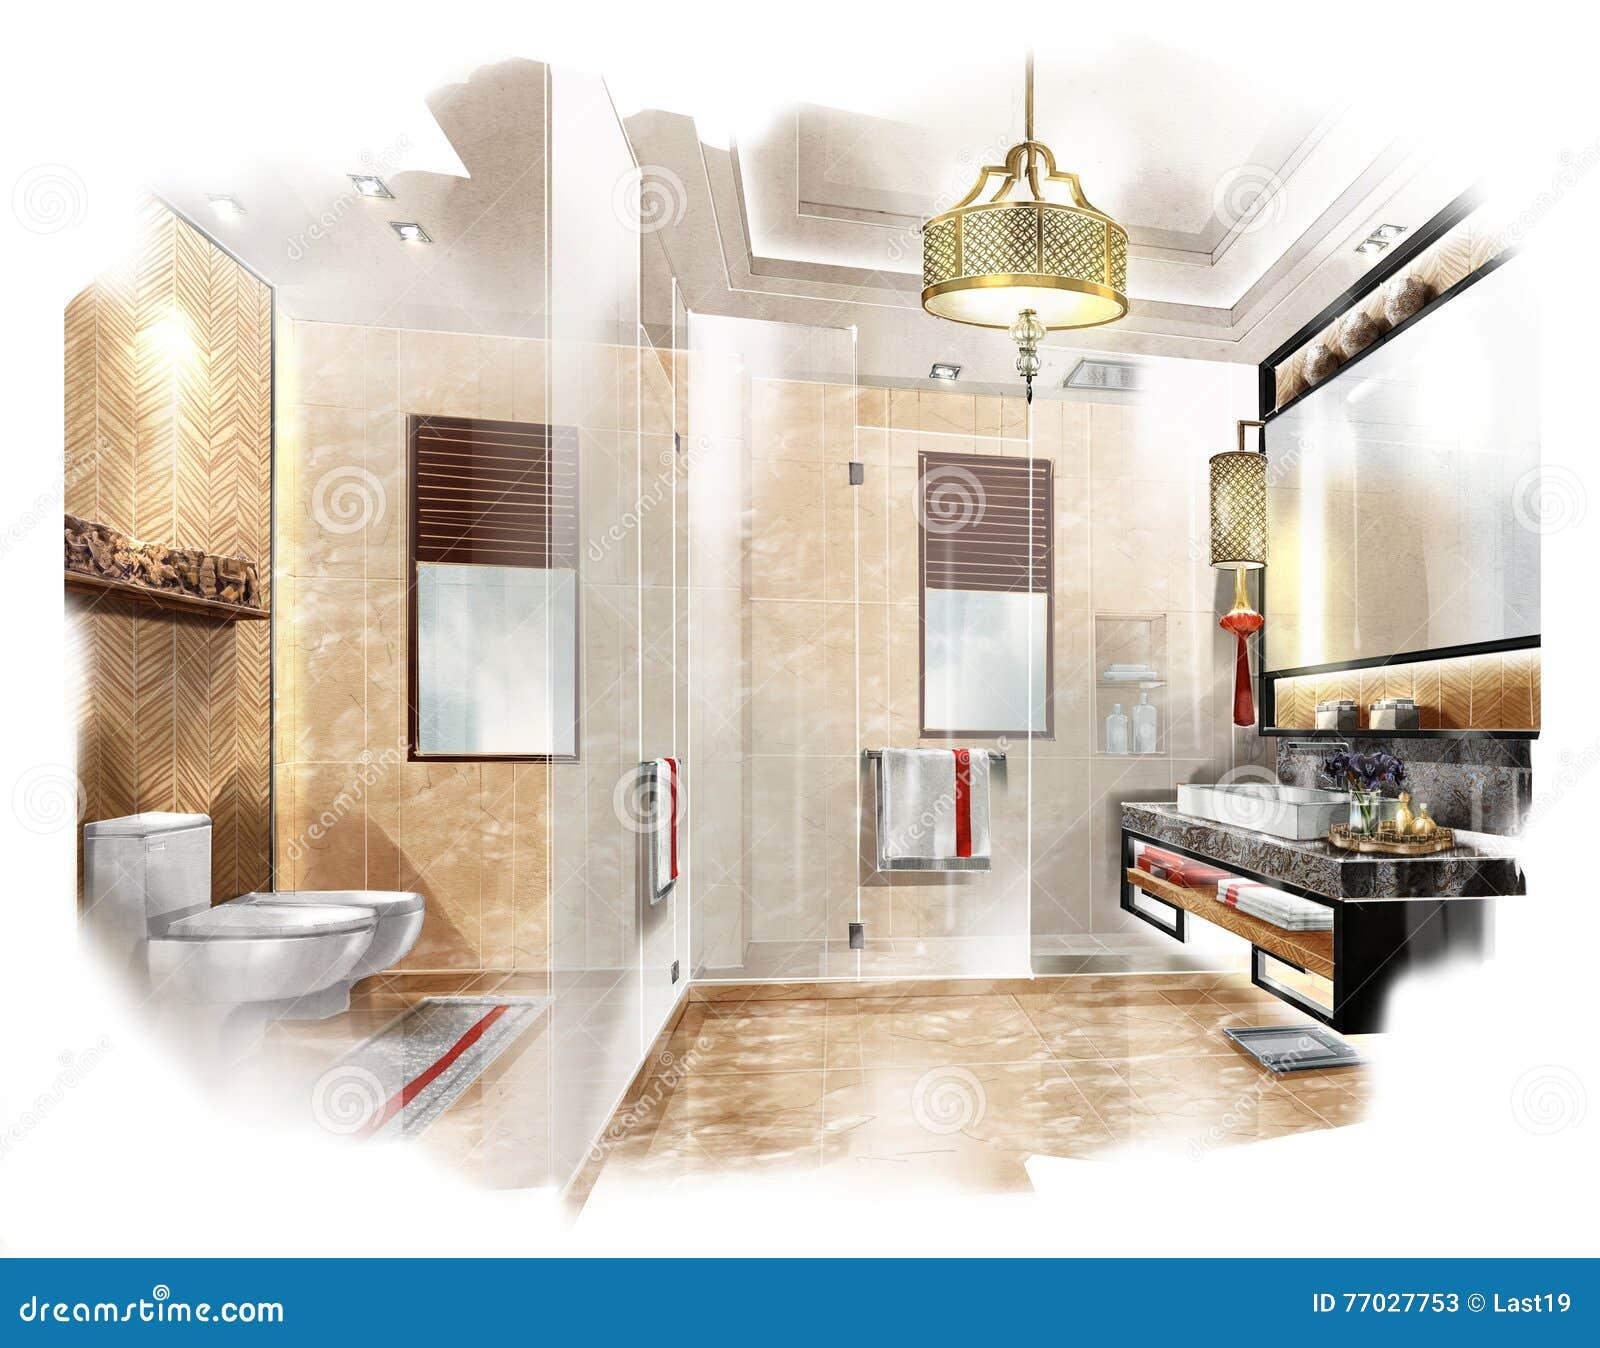 Esquissez La Salle De Bains Interieure De Perspective Dans Une